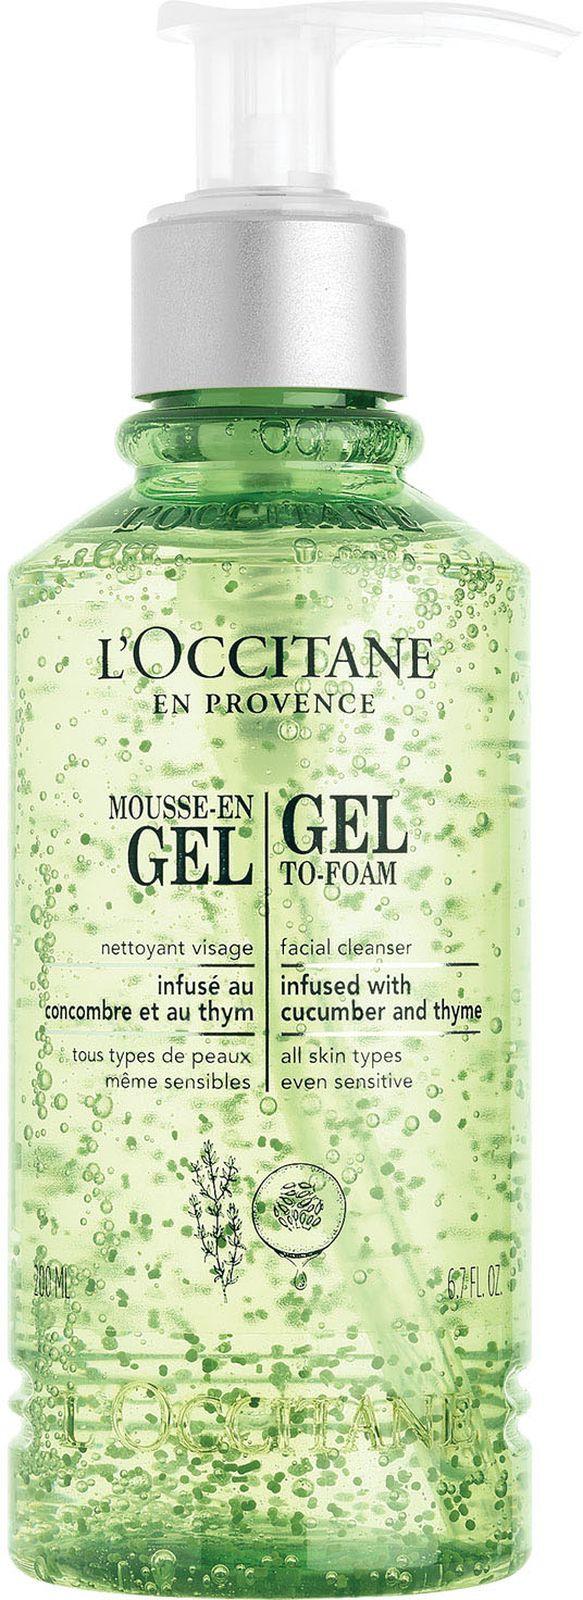 Очищающий гель-мусс для лица L'Occitane En Provence Infusions, с чабрецом и огурцом, 200 мл L'Occitane En Provence